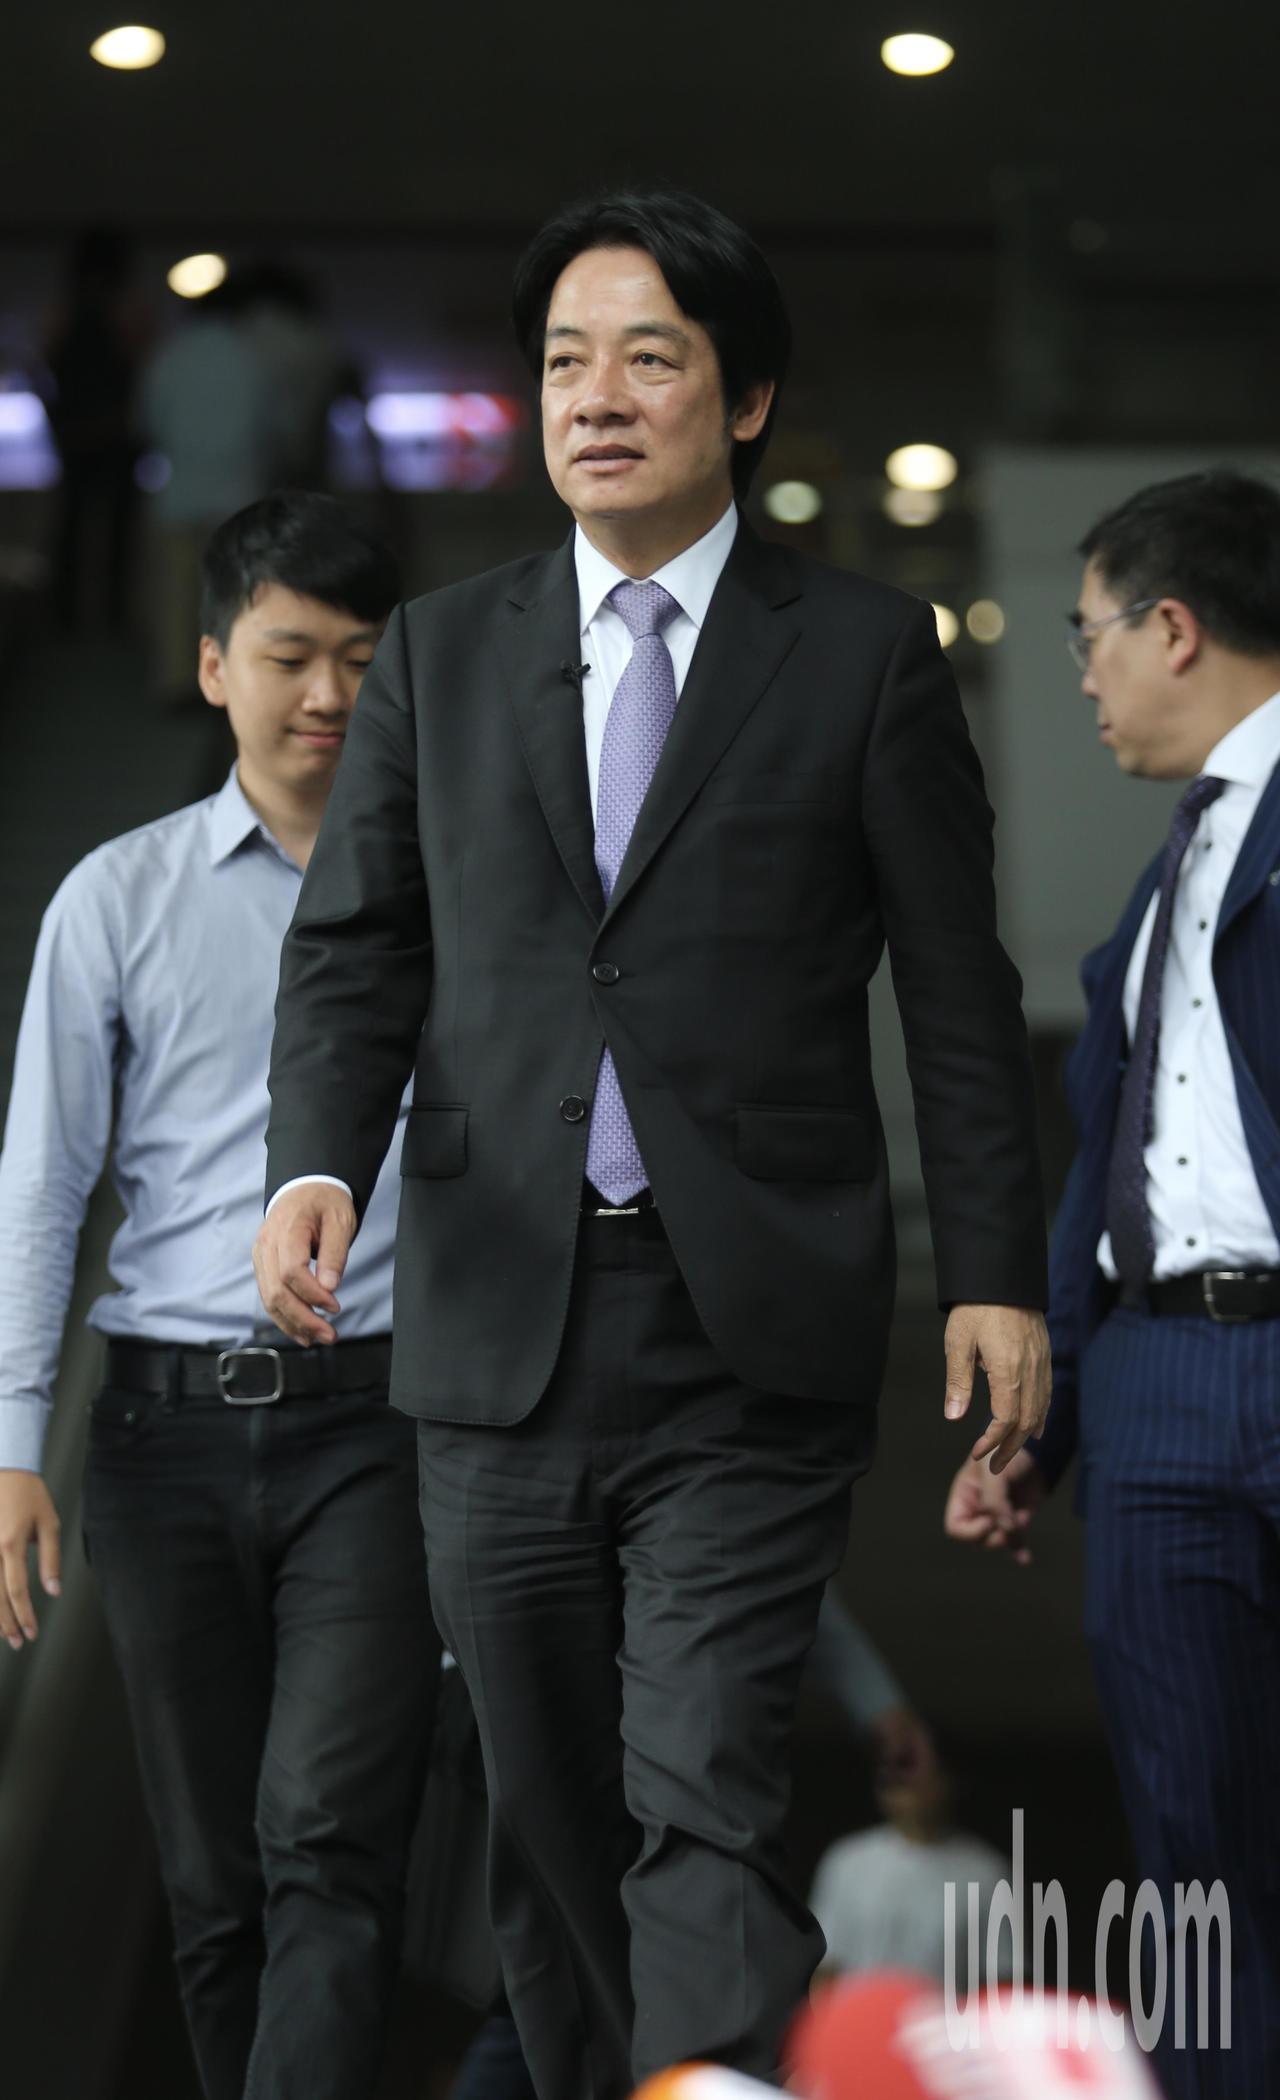 行政院前院長賴清德(圖),中午接受Yahoo TV直播專訪。記者許正宏/攝影